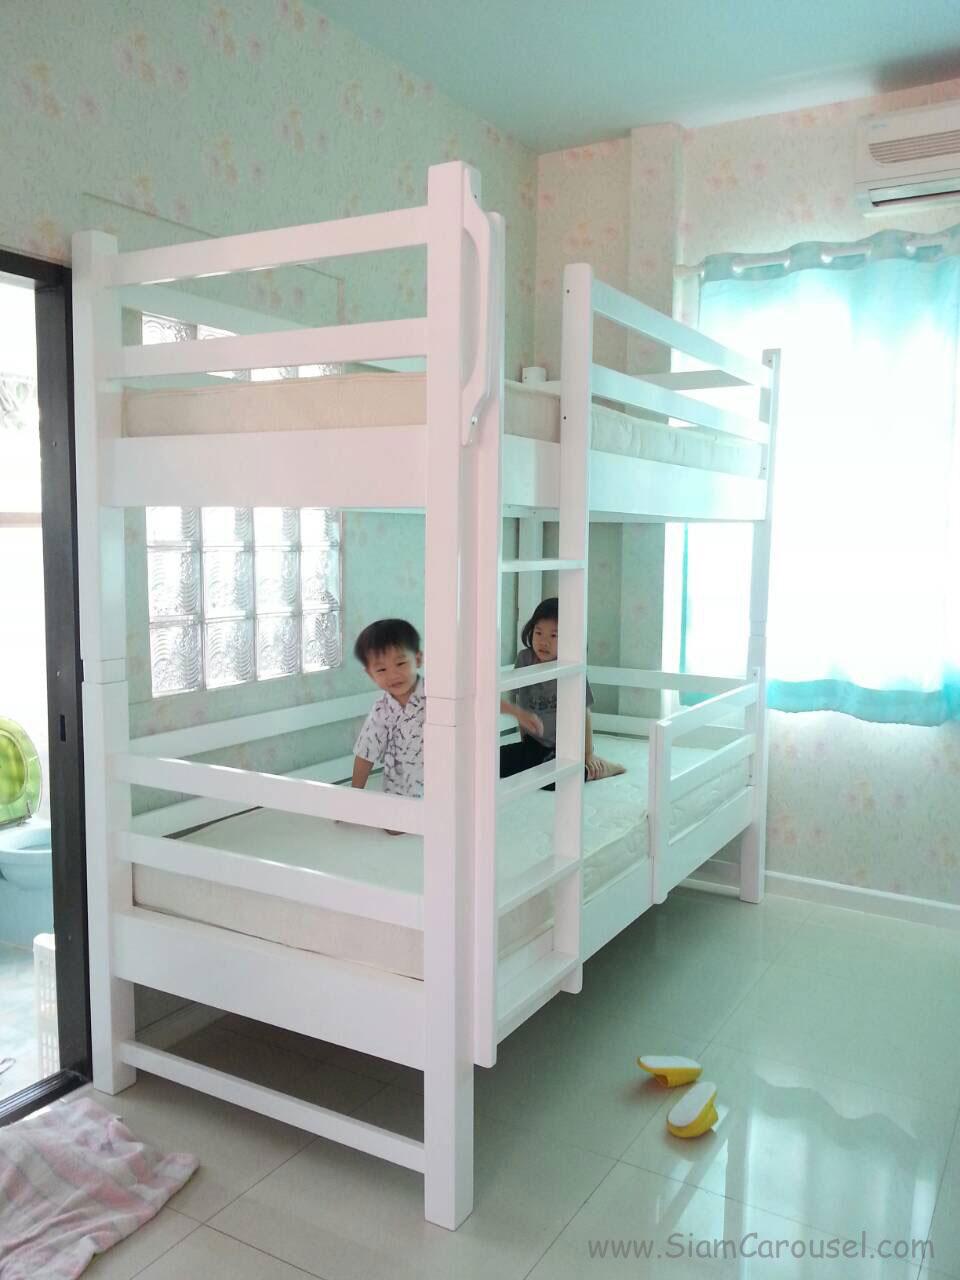 เตียง 2 ชั้น ของลูกๆ คุณเหมียว Chonlada 4 Alley, Sai Mai